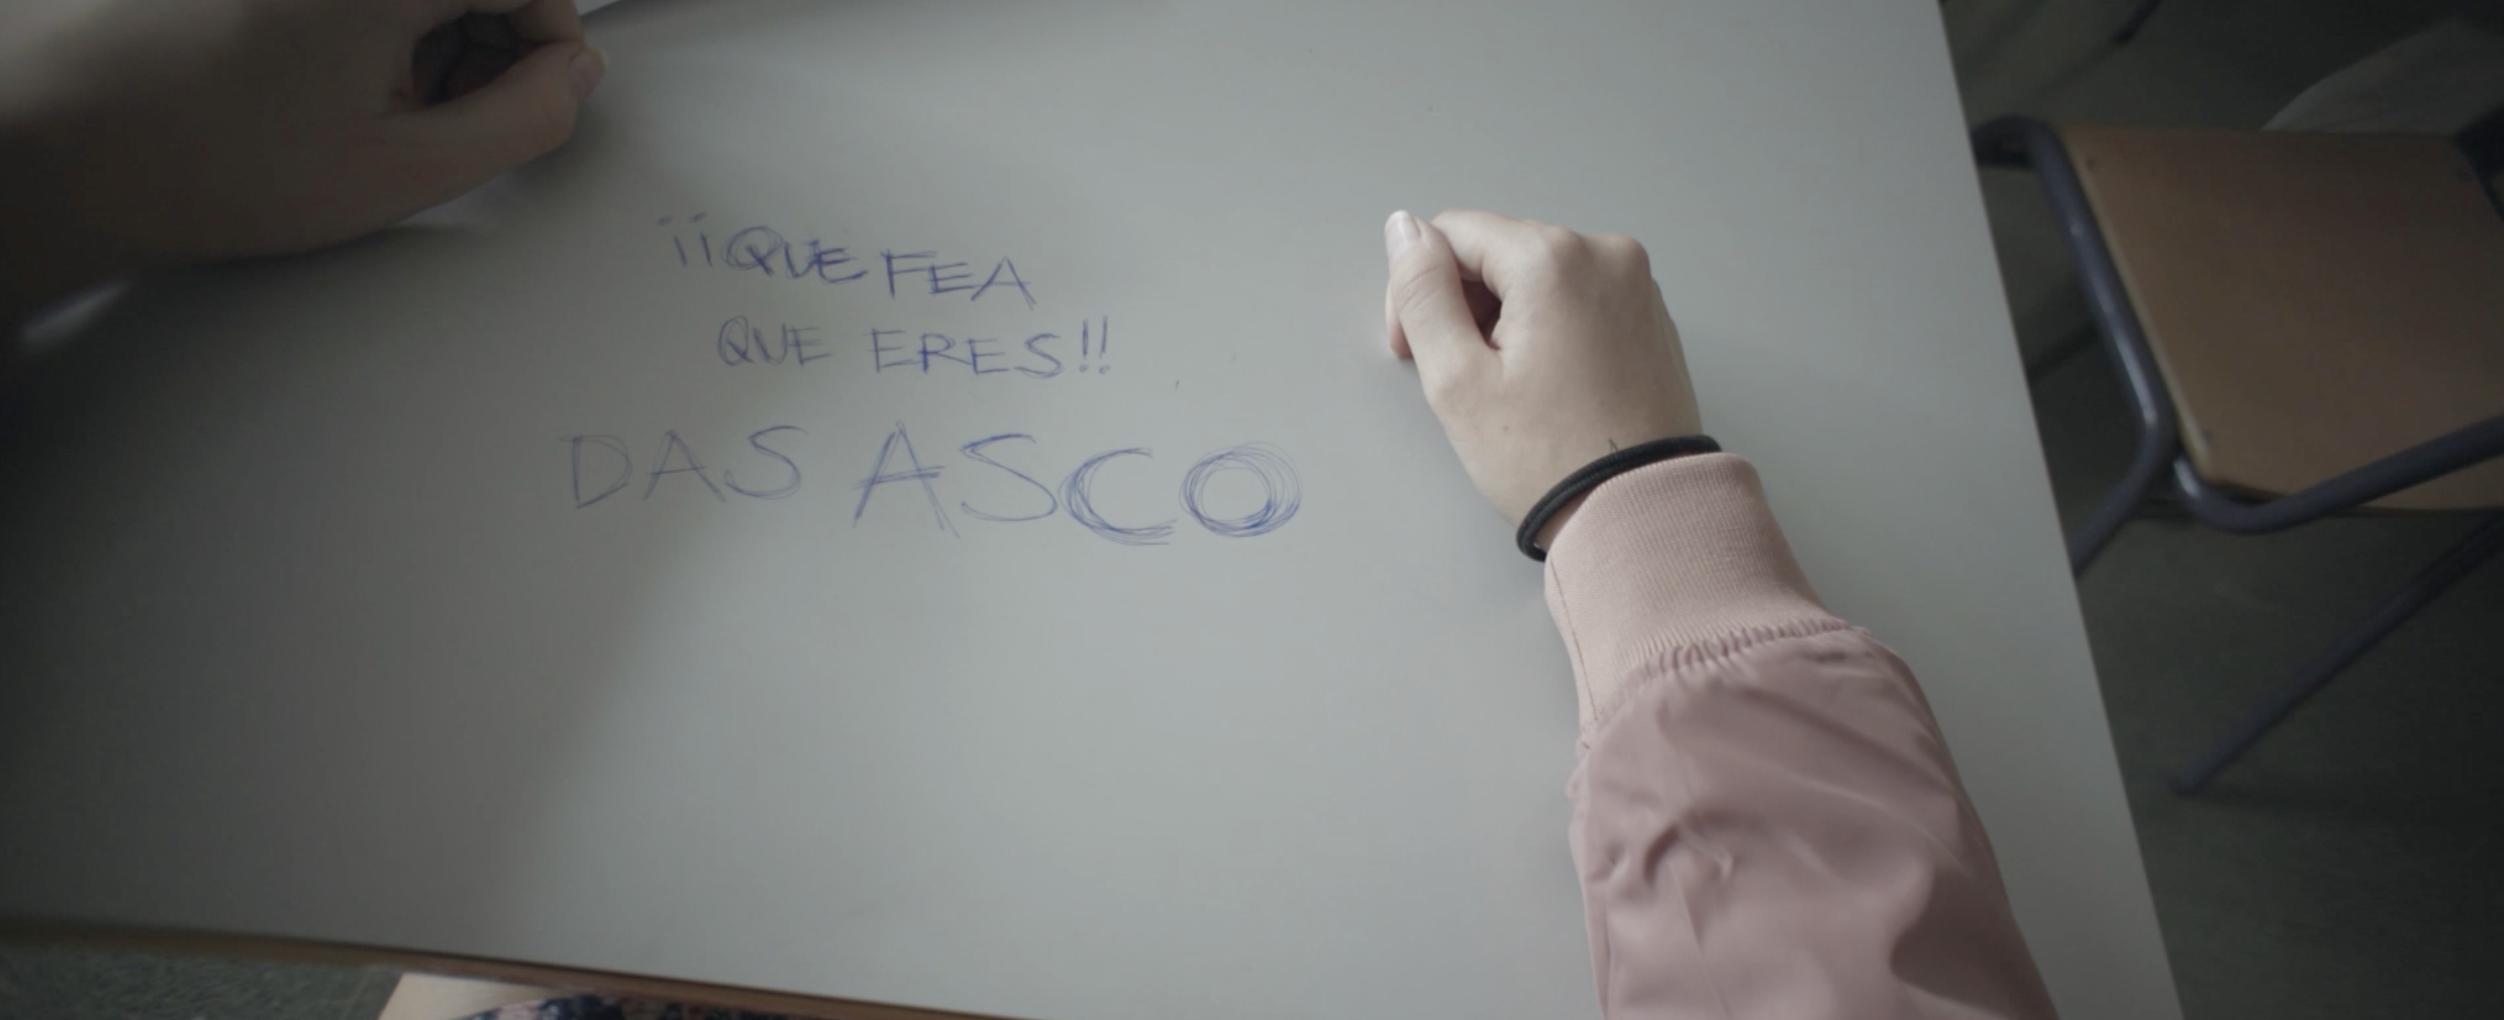 Atrapados en un día normal: campaña contra el bullying escolar